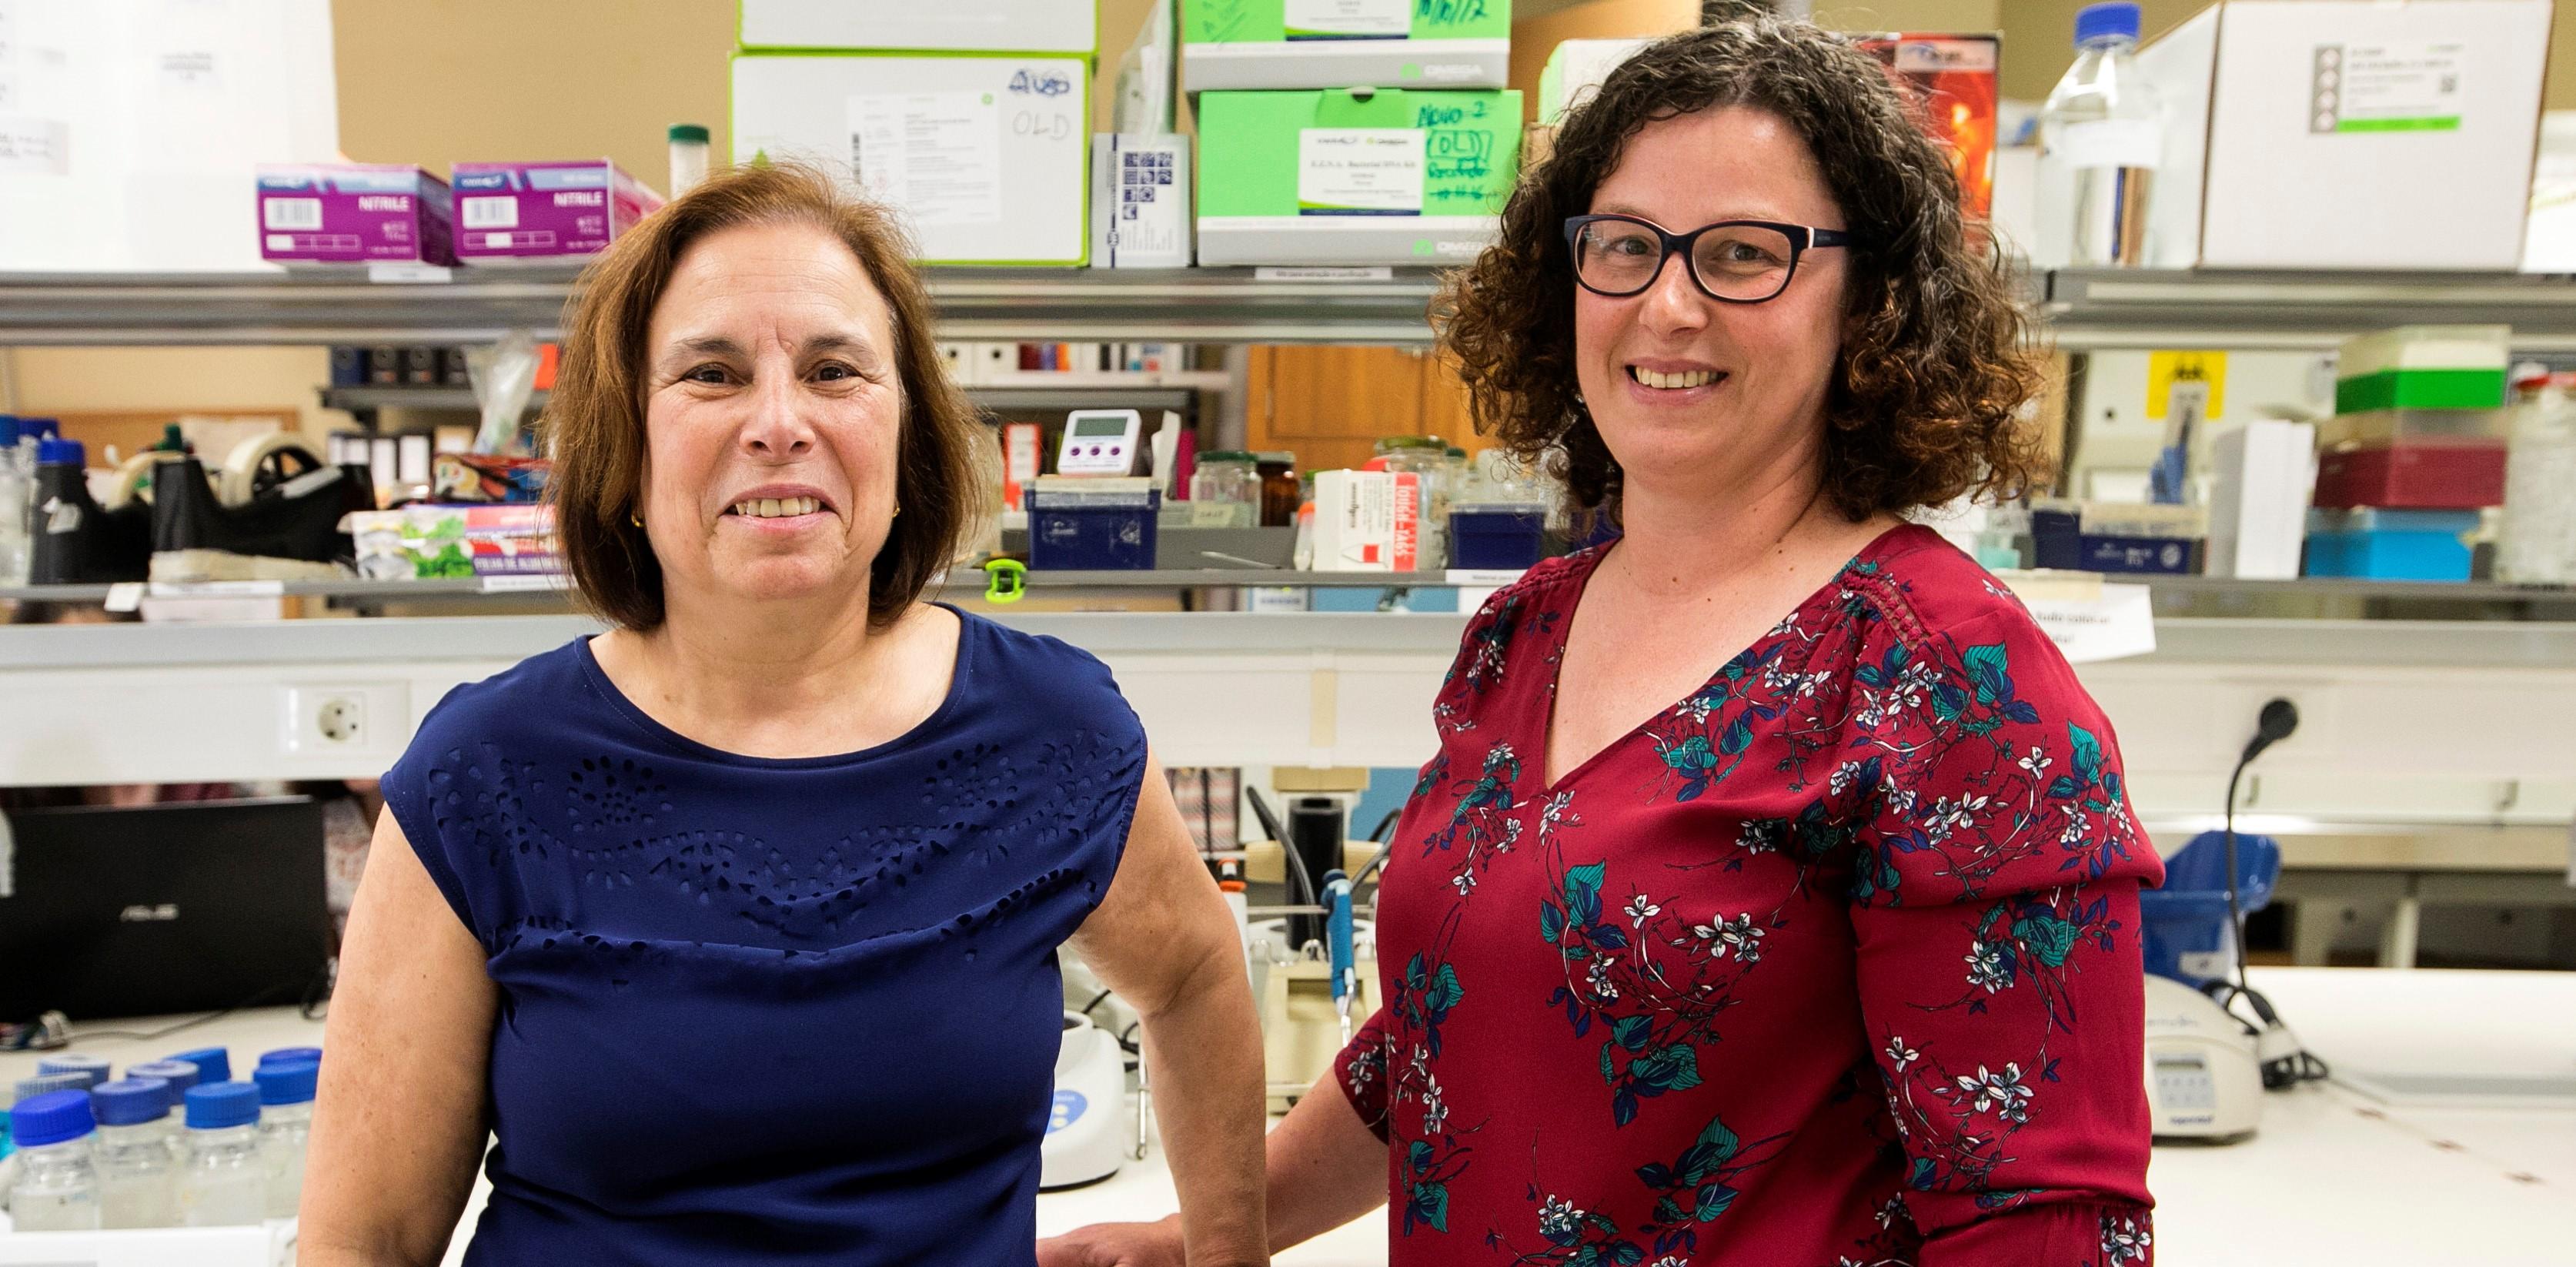 Olga Lage e Sara Antunes, docentes e investigadoras da FCUP. Fotografia: Miguel Marques Ribeiro.